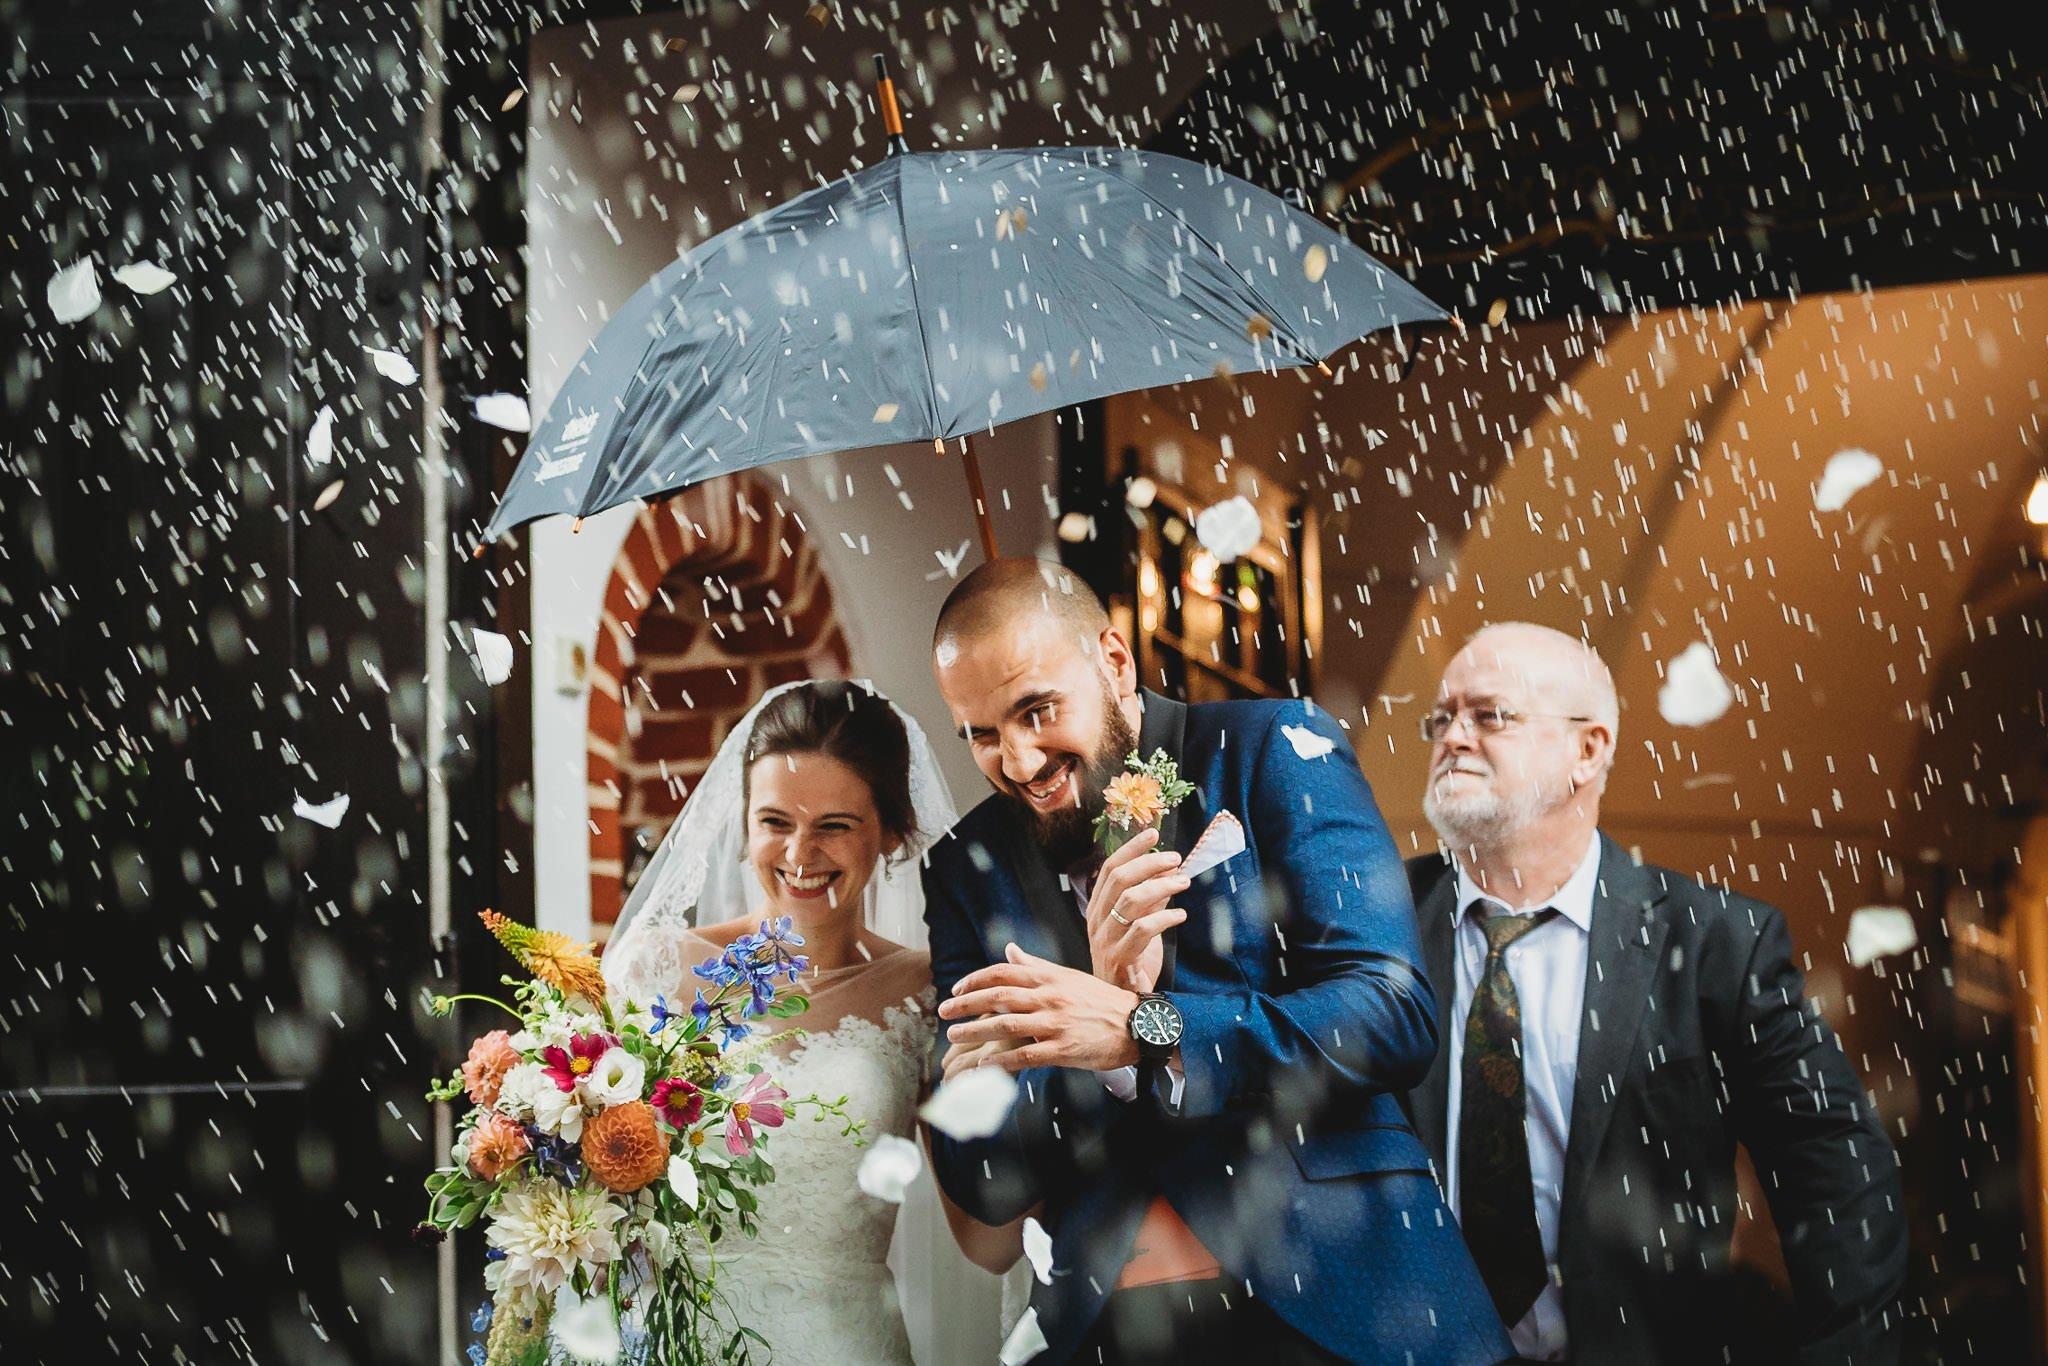 fotograf ślubny, Konin, para młoda obrzucona ryżem tuż po wyjściu z kościoła